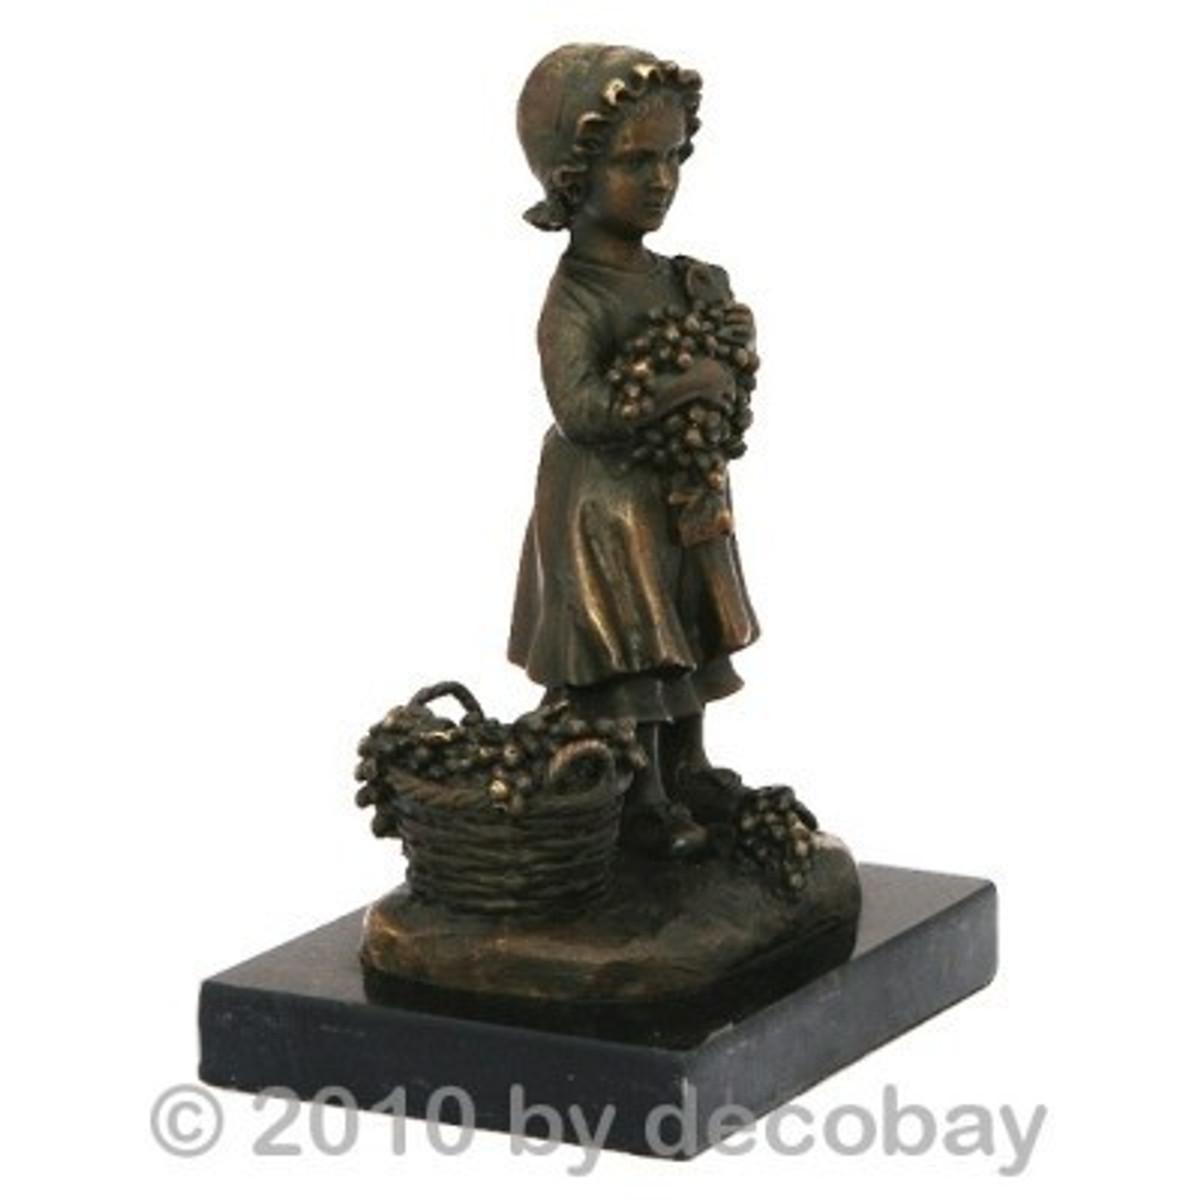 Mädchen Bronze Statue zeigt eine kleine Dame mit Korb voller Trauben.